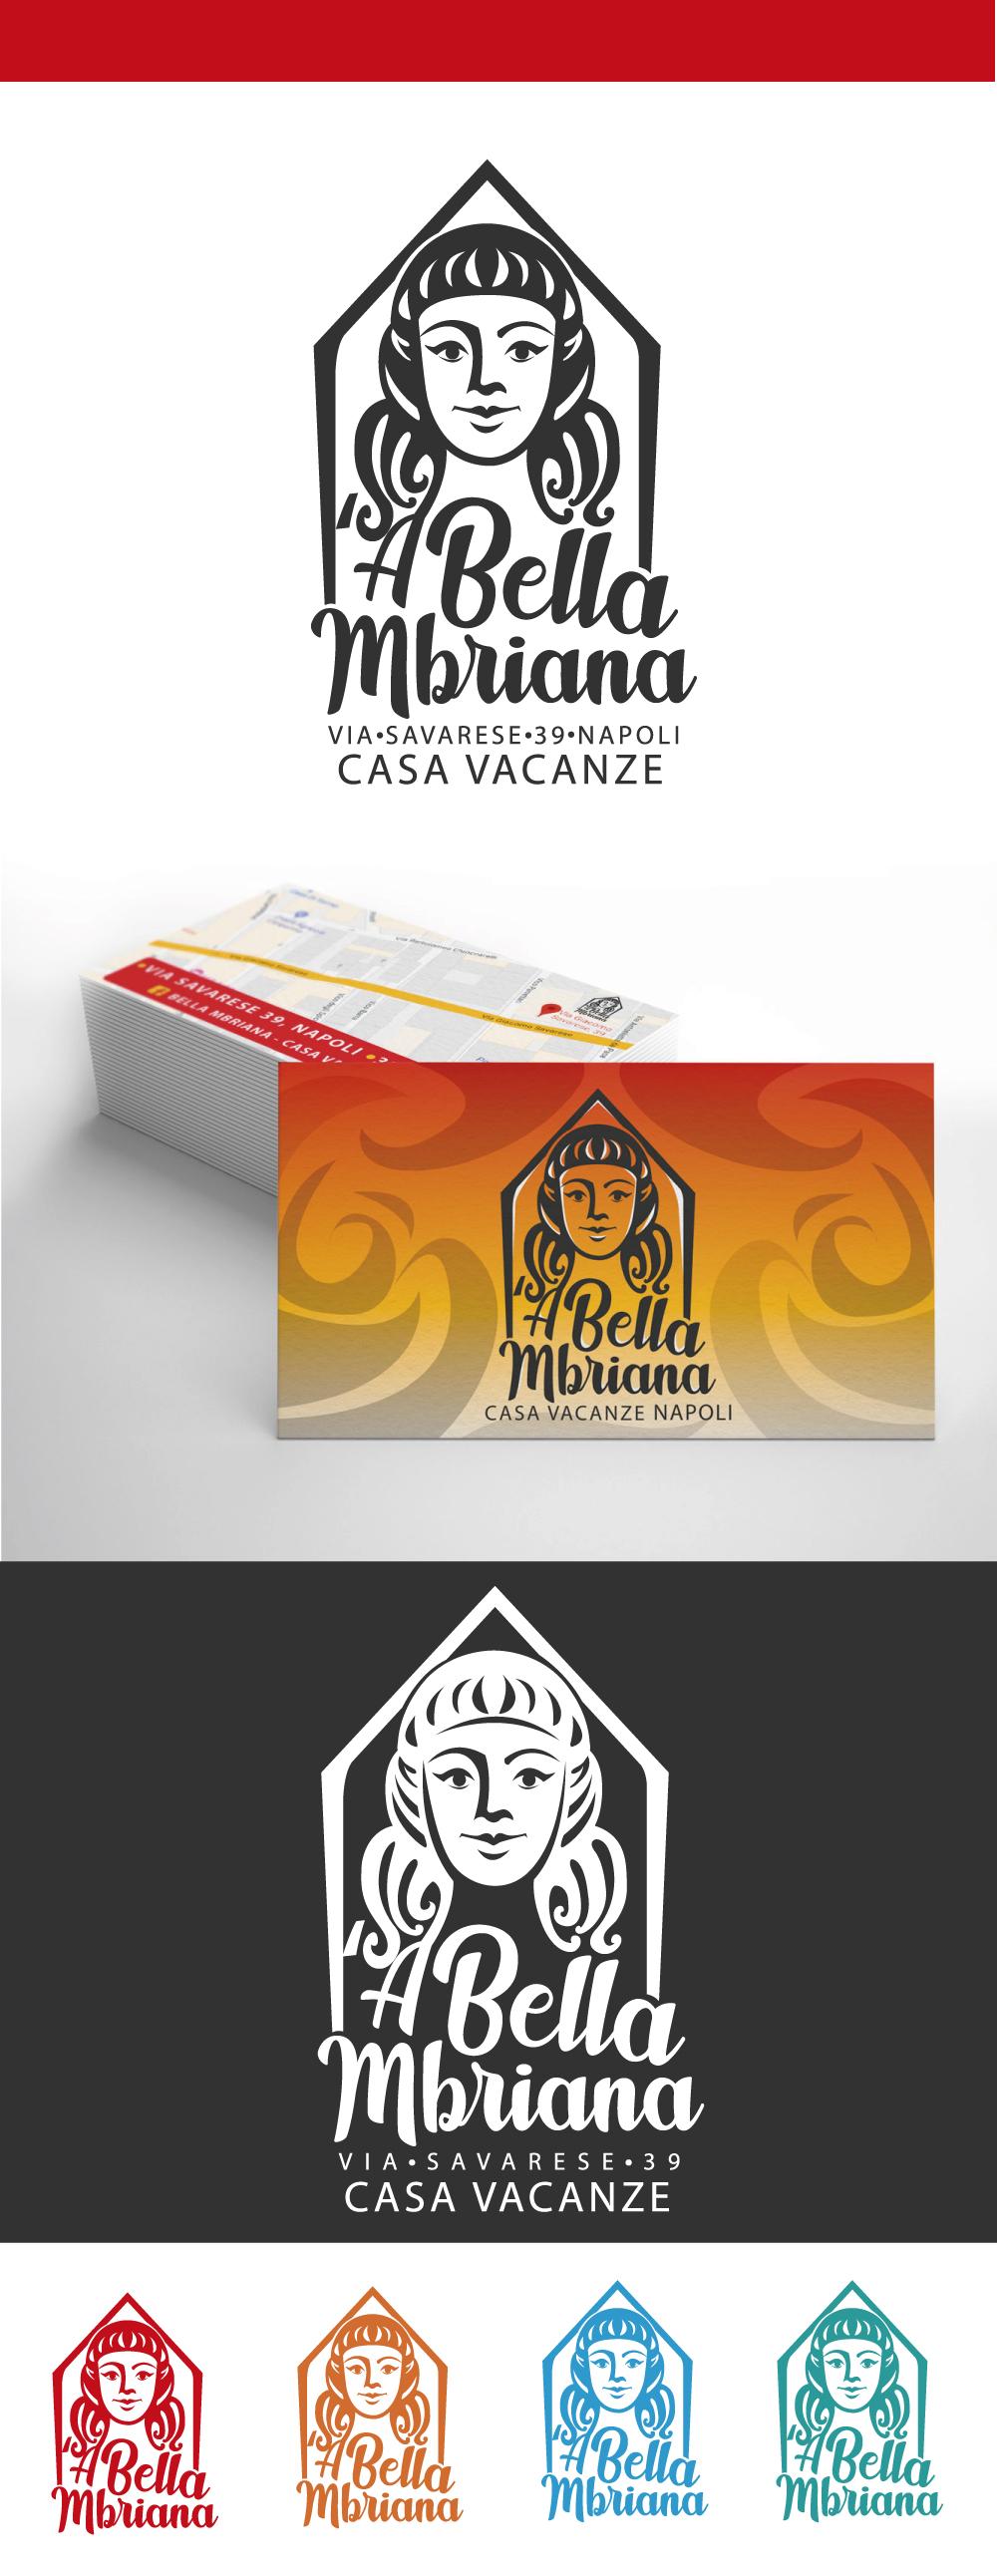 grafica,'A Bella Mbriana, Diana Petrarca, logo, graphic design, graphic, Napoli, casa vacanze, illustrazione, grafica, biglietti da visita, Illustrator